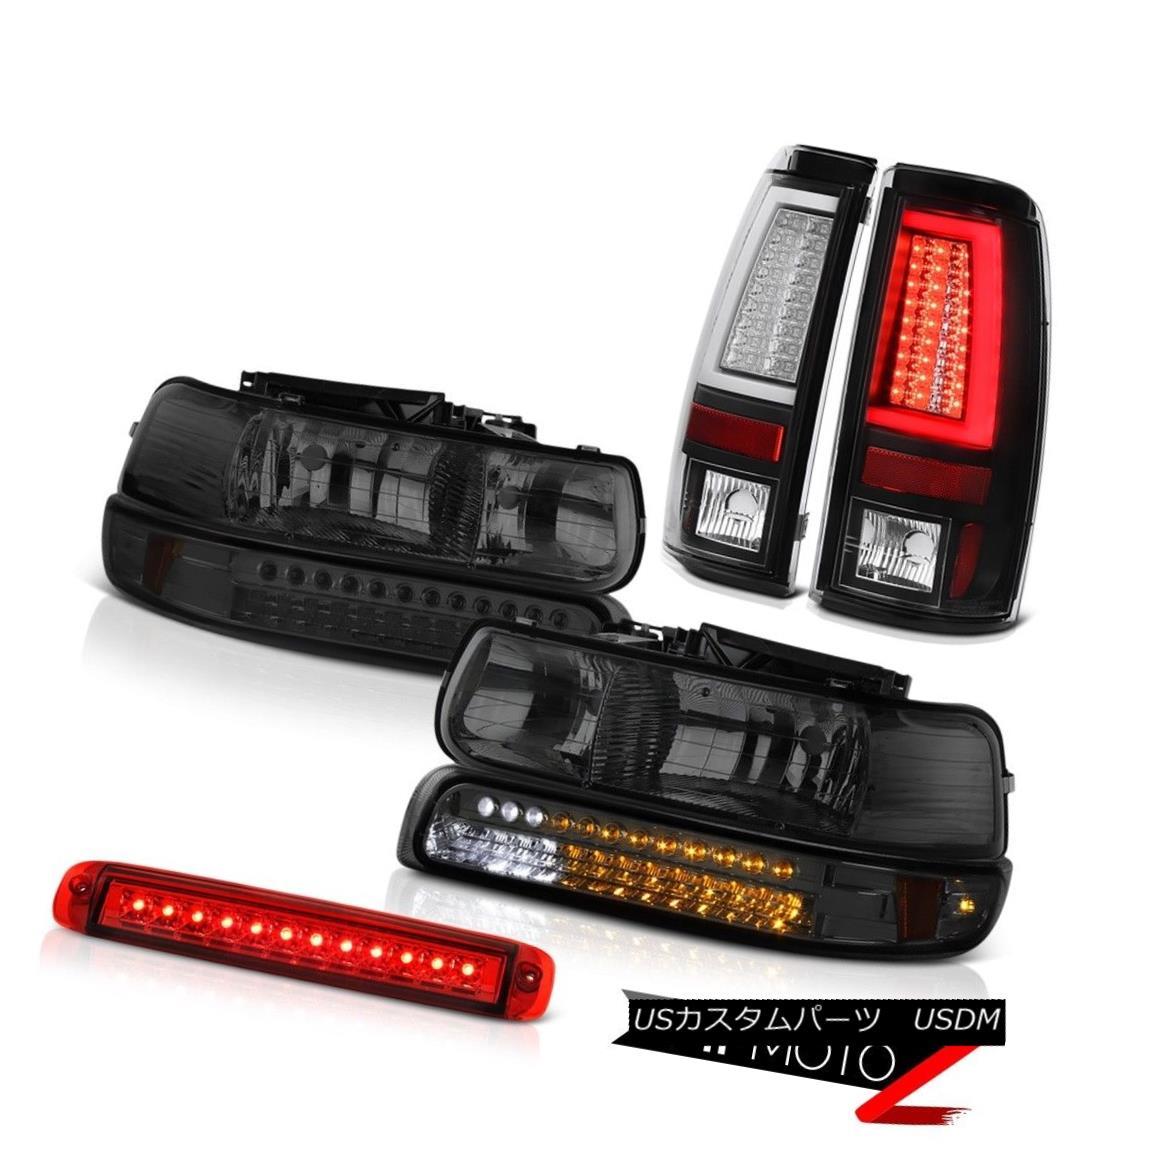 テールライト 99-02 Silverado LT Black Tail Lamps Red High Stop Light Headlights Light Bar LED 99-02 Silverado LTブラックテールランプレッドハイストップライトヘッドライトライトバーLED